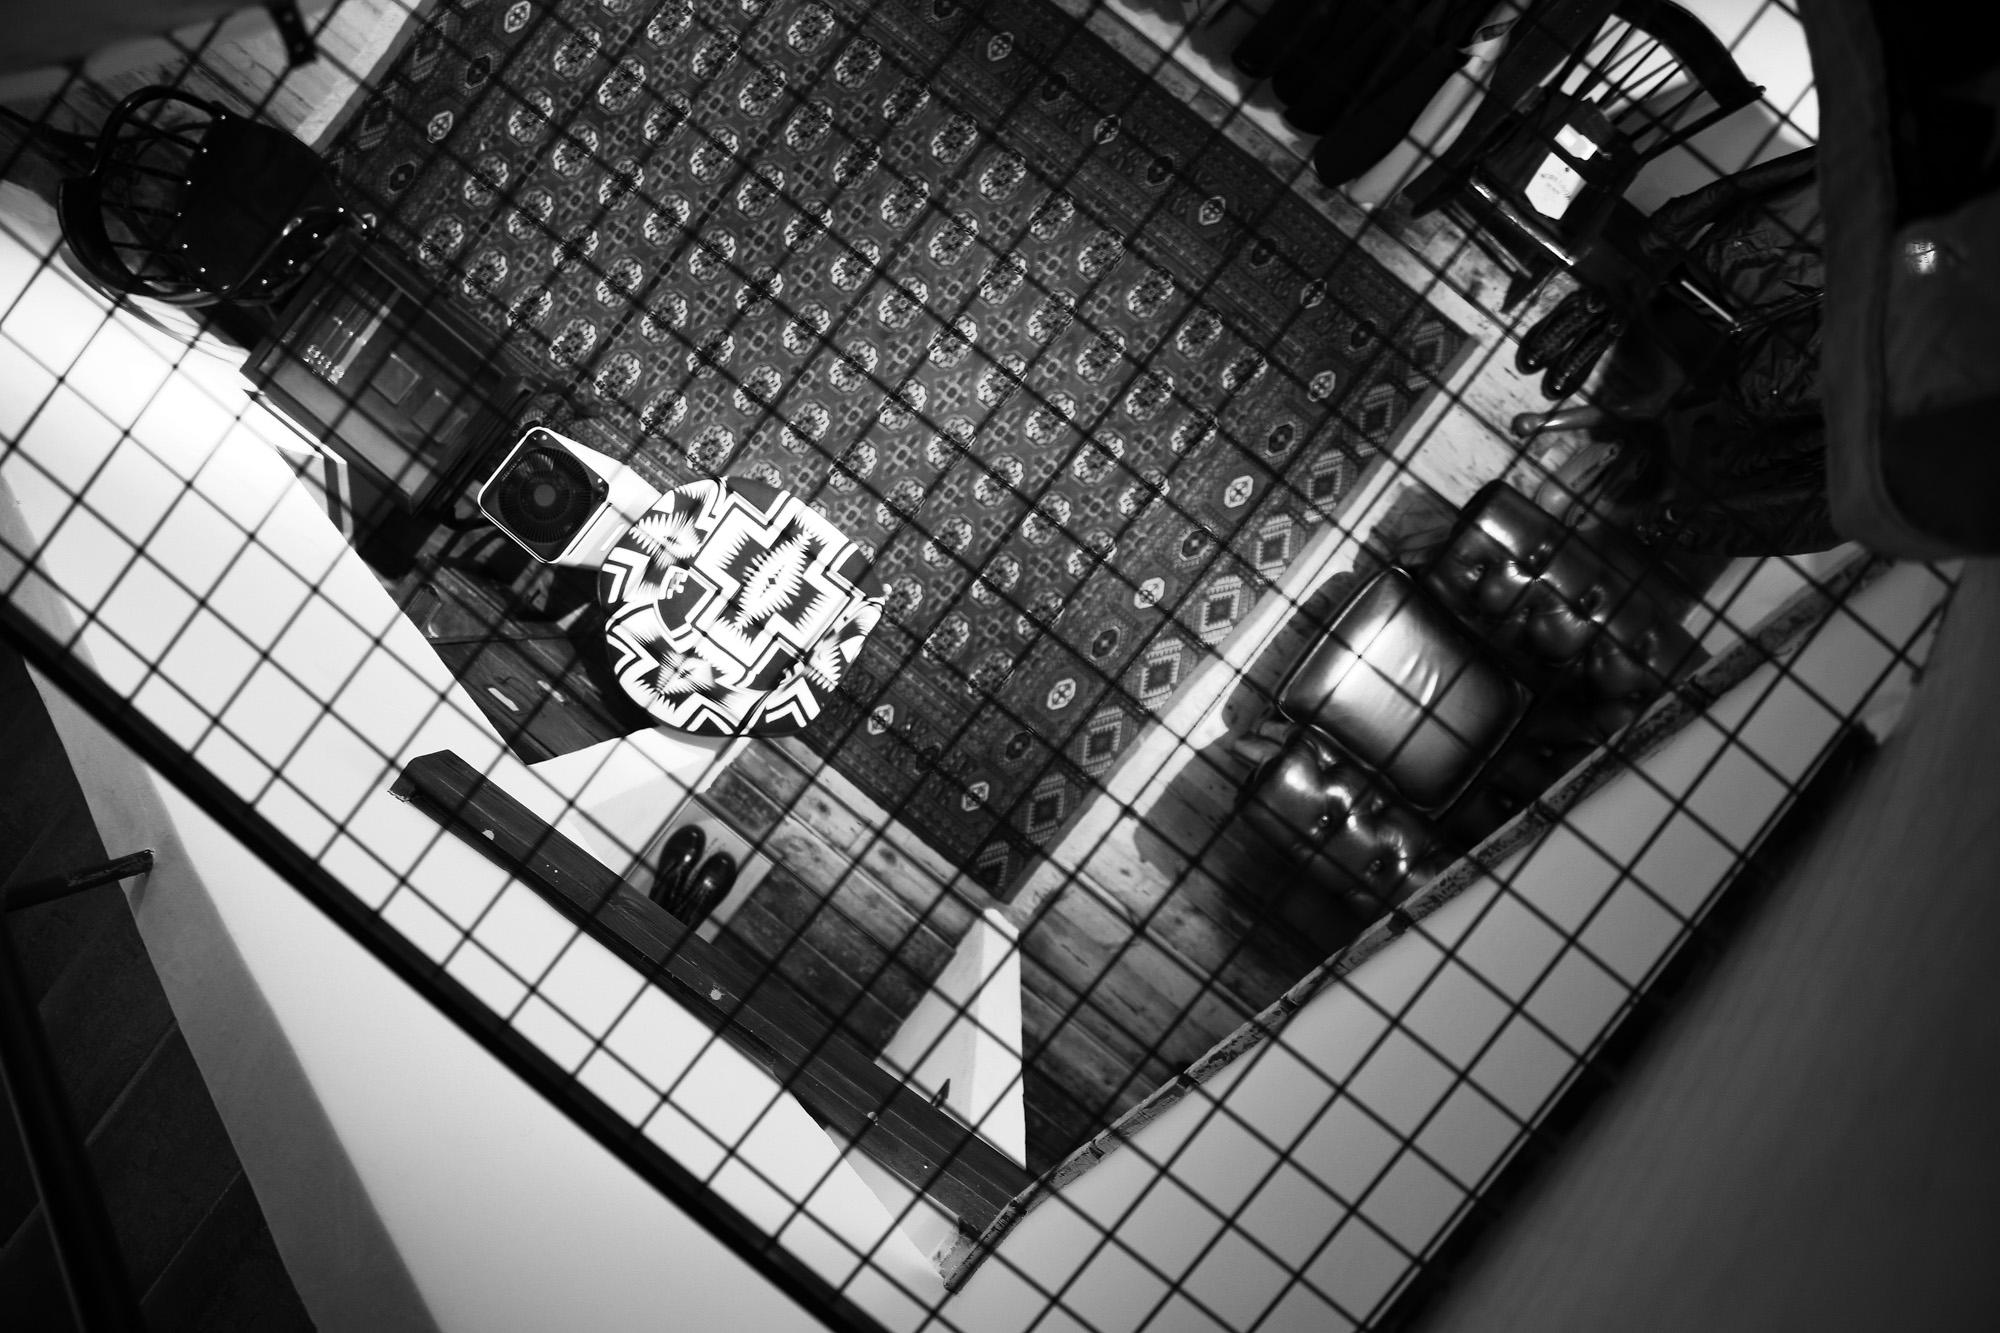 ZODIAC ゾディアック 愛知 名古屋 洋服屋 セレクトショップ アメリカ イタリア イギリス adidas / アディダス  ALESSANDRO GHERARDI / アレッサンドロ ゲラルディ  Allen Edmonds / アレンエドモンズ  ANDERSEN-ANDERSEN / アンデルセン アンデルセン  Barbour / バブアー  BOGLIOLI / ボリオリ  BROOKS / ブルックス  BROOKS HERITAGE / ブルックスヘリテージ  CAMBER / キャンバー  CENTINELA / センチネラ  Champion / チャンピオン  CINQUANTA / チンクアンタ  CONVERSE / コンバース  CORONADO LEATHER / コロナドレザー  Crescent Down Works / クレセントダウンワークス  Cuervo / クエルボ  DANNER / ダナー  DSPTCH / ディスピッチ  ENZO BONAFE / エンツォボナフェ  FILSON / フィルソン  Gitman Brothers / ギットマンブラザーズ  Gitman Vintage / ギットマンヴィンテージ  Glanshirt / グランシャツ  Gloverall / グローバーオール  GTA / ジーティーアー  HEINRICH DINKELACKER / ハインリッヒディンケラッカー  Horween Shell Cordovan Leather / ホーウィンシェルコードバンレザー  INCOTEX / インコテックス  INCOTEX SLACKS / インコテックススラックス  INDIVIDUALIZED SHIRTS / インディビジュアライズドシャツ  INVERALLAN / インバーアラン  ISAIA / イザイア  JAMES GROSE / ジェームスグロース  JOHN SMEDLEY / ジョンスメドレー  JULIAN BOOTS / ジュリアンブーツ  JUTTA NEUMANN / ユッタニューマン  J.W.BRINE / J.W.ブライン  Kennett & Lindsell / ケネットアンドリンゼル  Loake England / ロークイングランド  MADE BY SEVEN -REUSE- / メイドバイセブンリユース  Merz b. Schwanen / メルツベーシュヴァーネン  MONTEDORO / モンテドーロ  MOONSTAR / ムーンスター  New Balance / ニューバランス  NIKE / ナイキ ORTEGA'S / オルテガ  Pantofola d'Oro / パントフォラドーロ  Radice / ラディーチェ  RICHARD J. BROWN / リチャード ジェイ ブラウン  THE SANDALMAN / ザ・サンダルマン  Sealup / シーラップ  Settefili Cashmere / セッテフィーリカシミア  South Paradiso Leather / サウスパラディソレザー  Vanson Leather / バンソンレザー  VENETIAN CREAM / ベネチアンクリーム  WALSH / ウォルシュ  WHITE'S BOOTS / ホワイツブーツ  Worn By / ウォーンバイ  WORN FREE / ウォーンフリー  ZANONE / ザノーネ